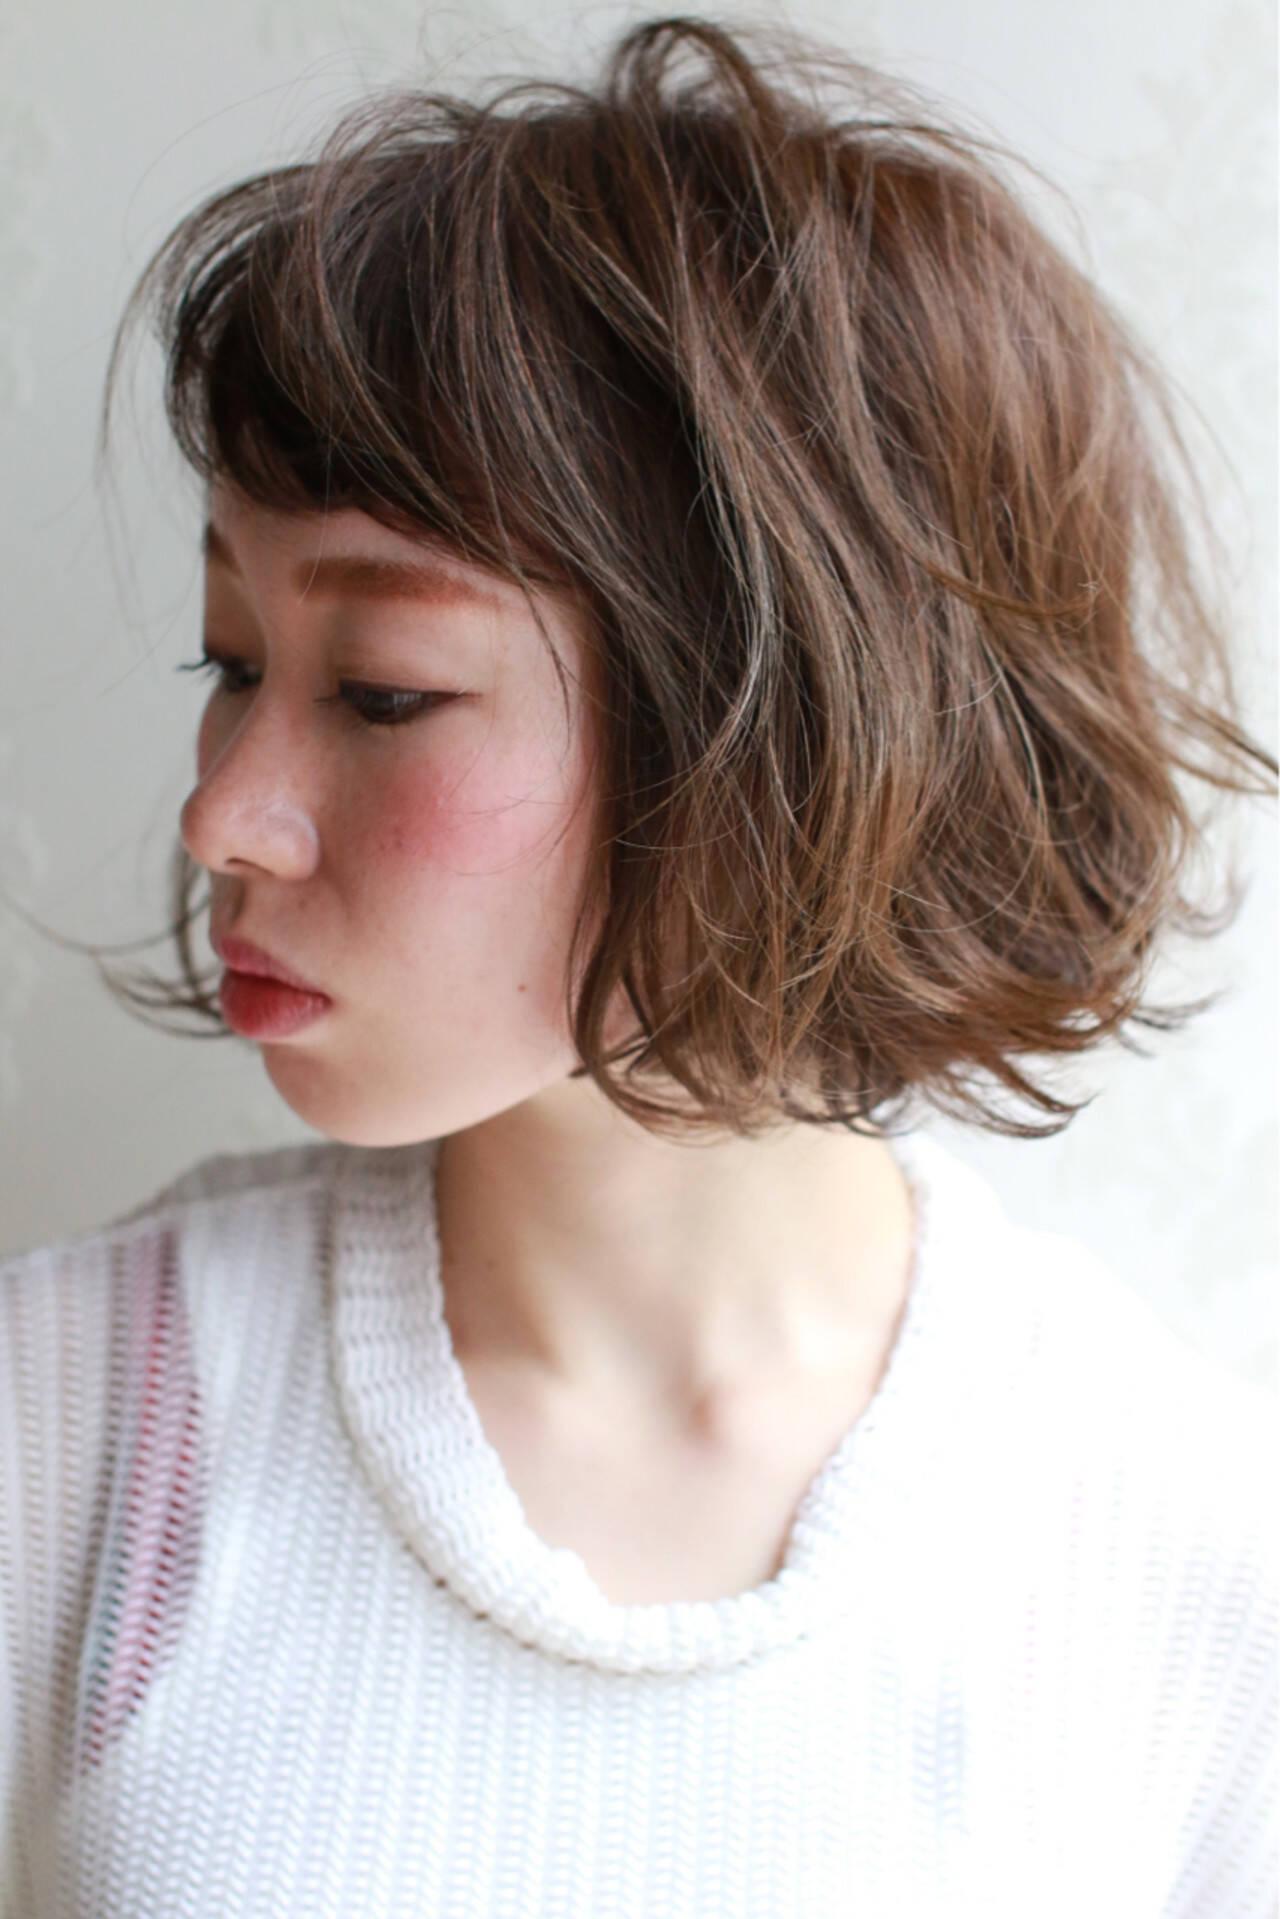 こなれ感 ナチュラル 小顔 大人女子ヘアスタイルや髪型の写真・画像